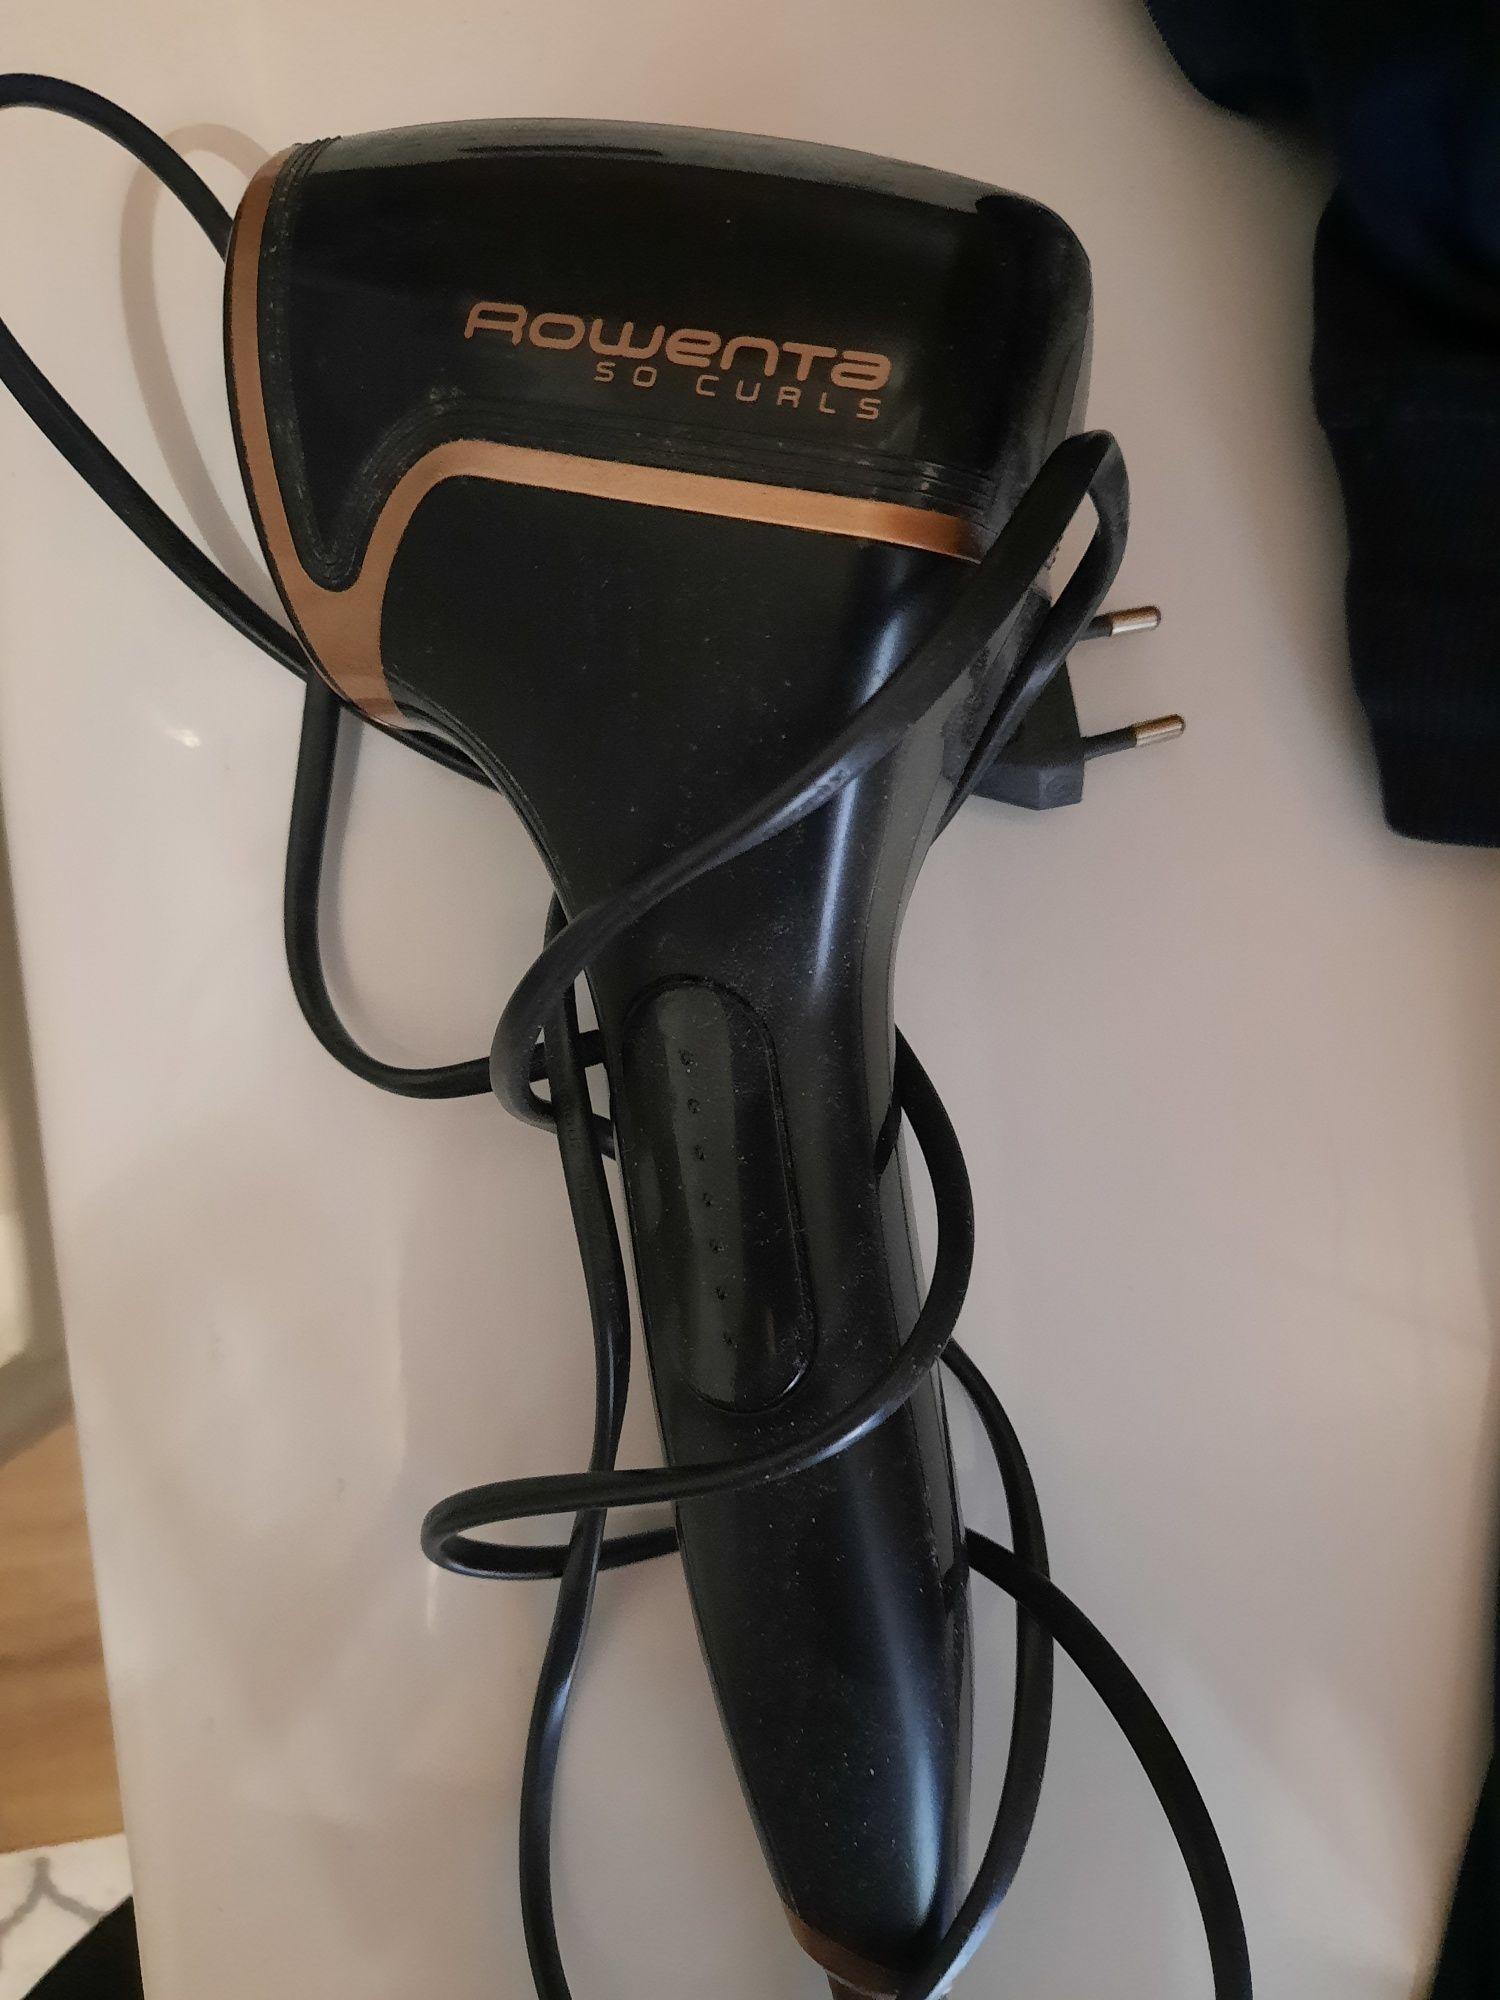 Lokówka automatyczne Rowenta So curls